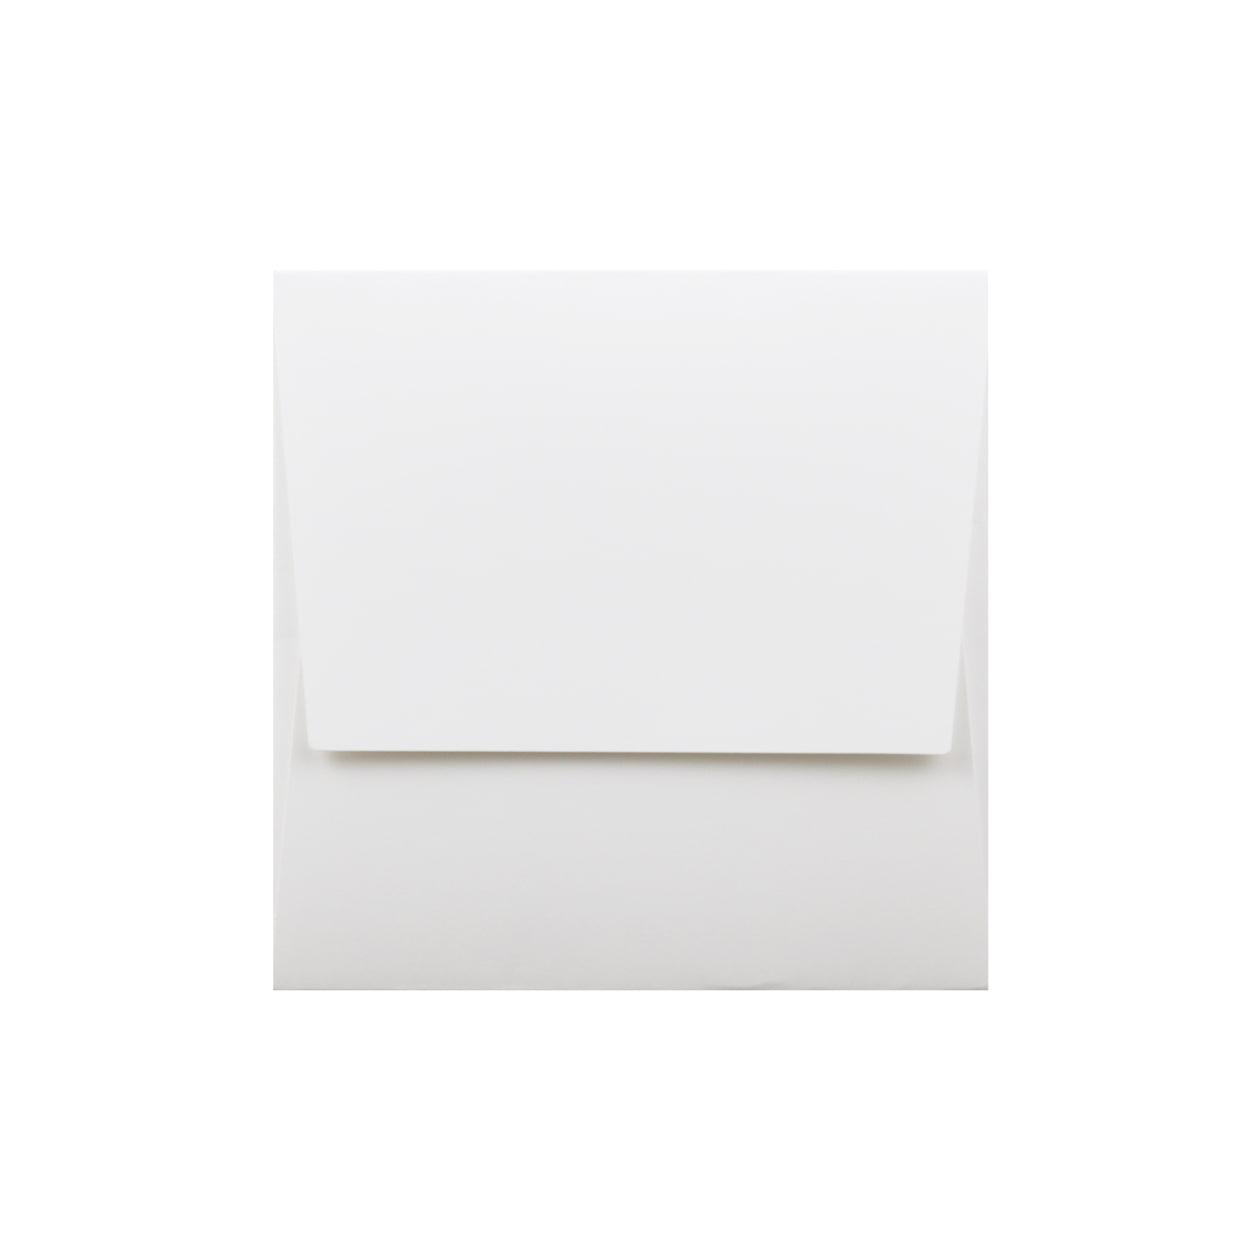 封筒型フォルダースクエア160 クラウド 261.6g